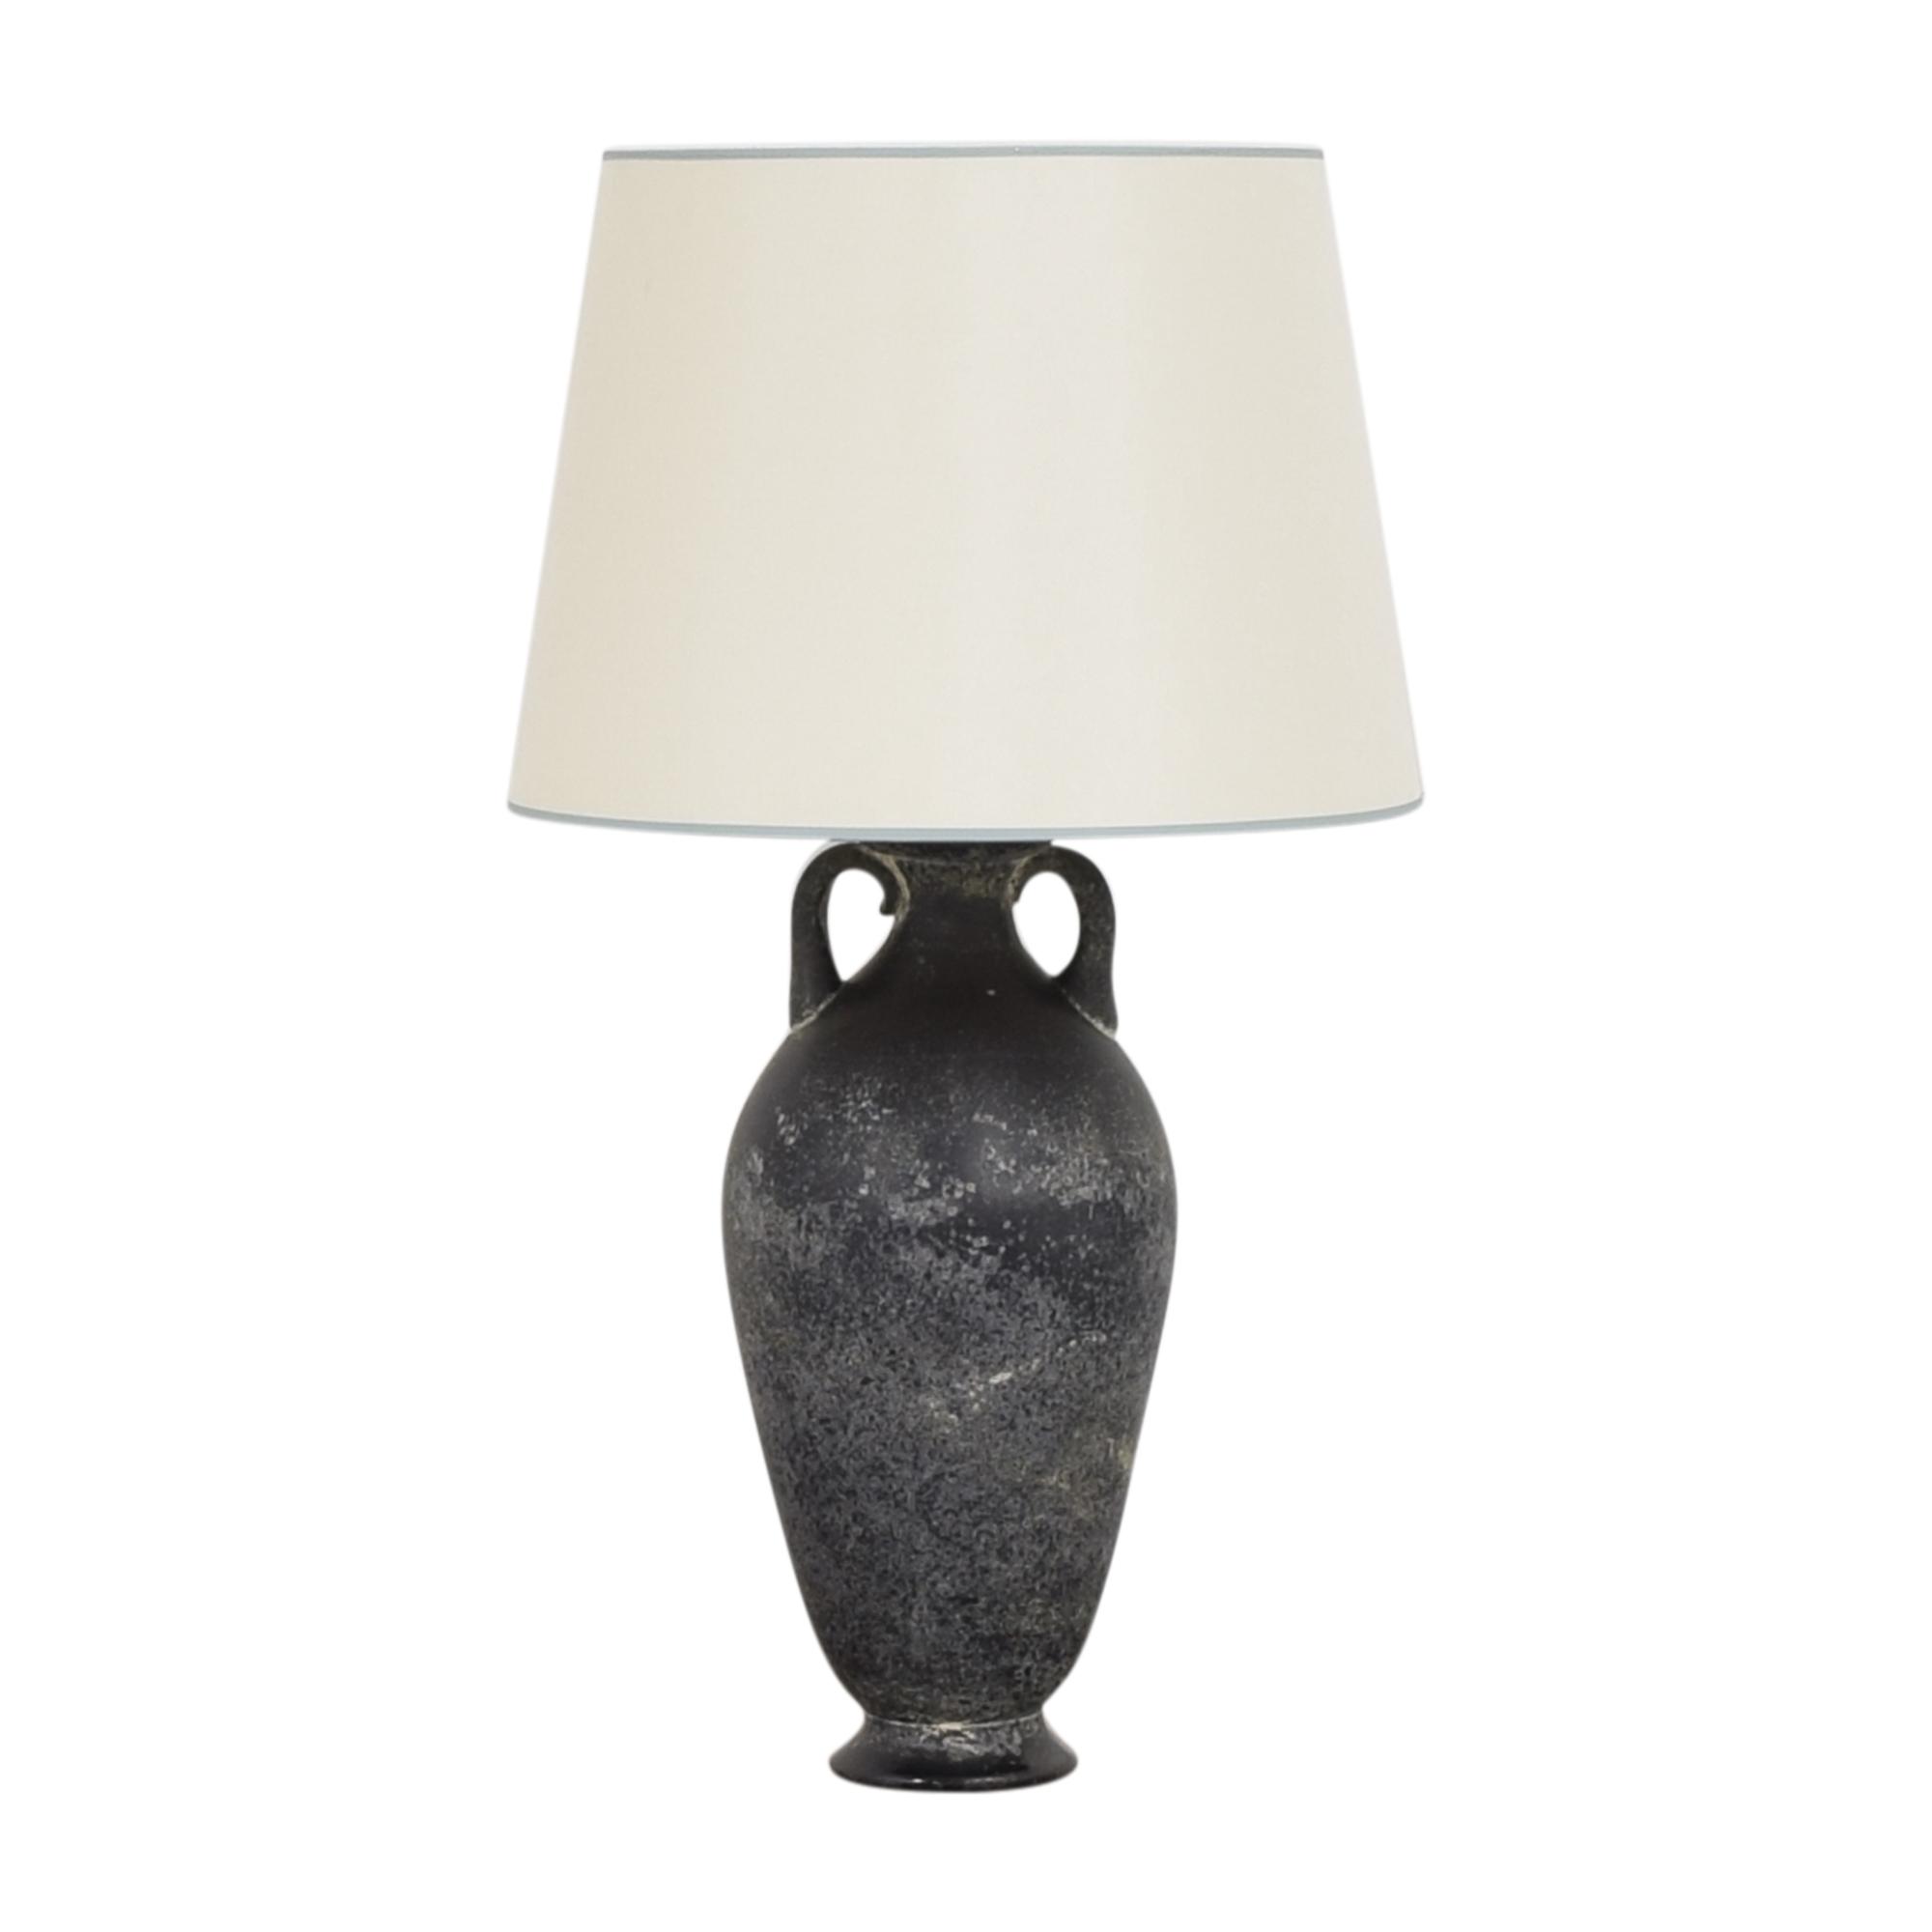 S.R. Gambrel S.R. Gambrel Urn Table Lamp discount